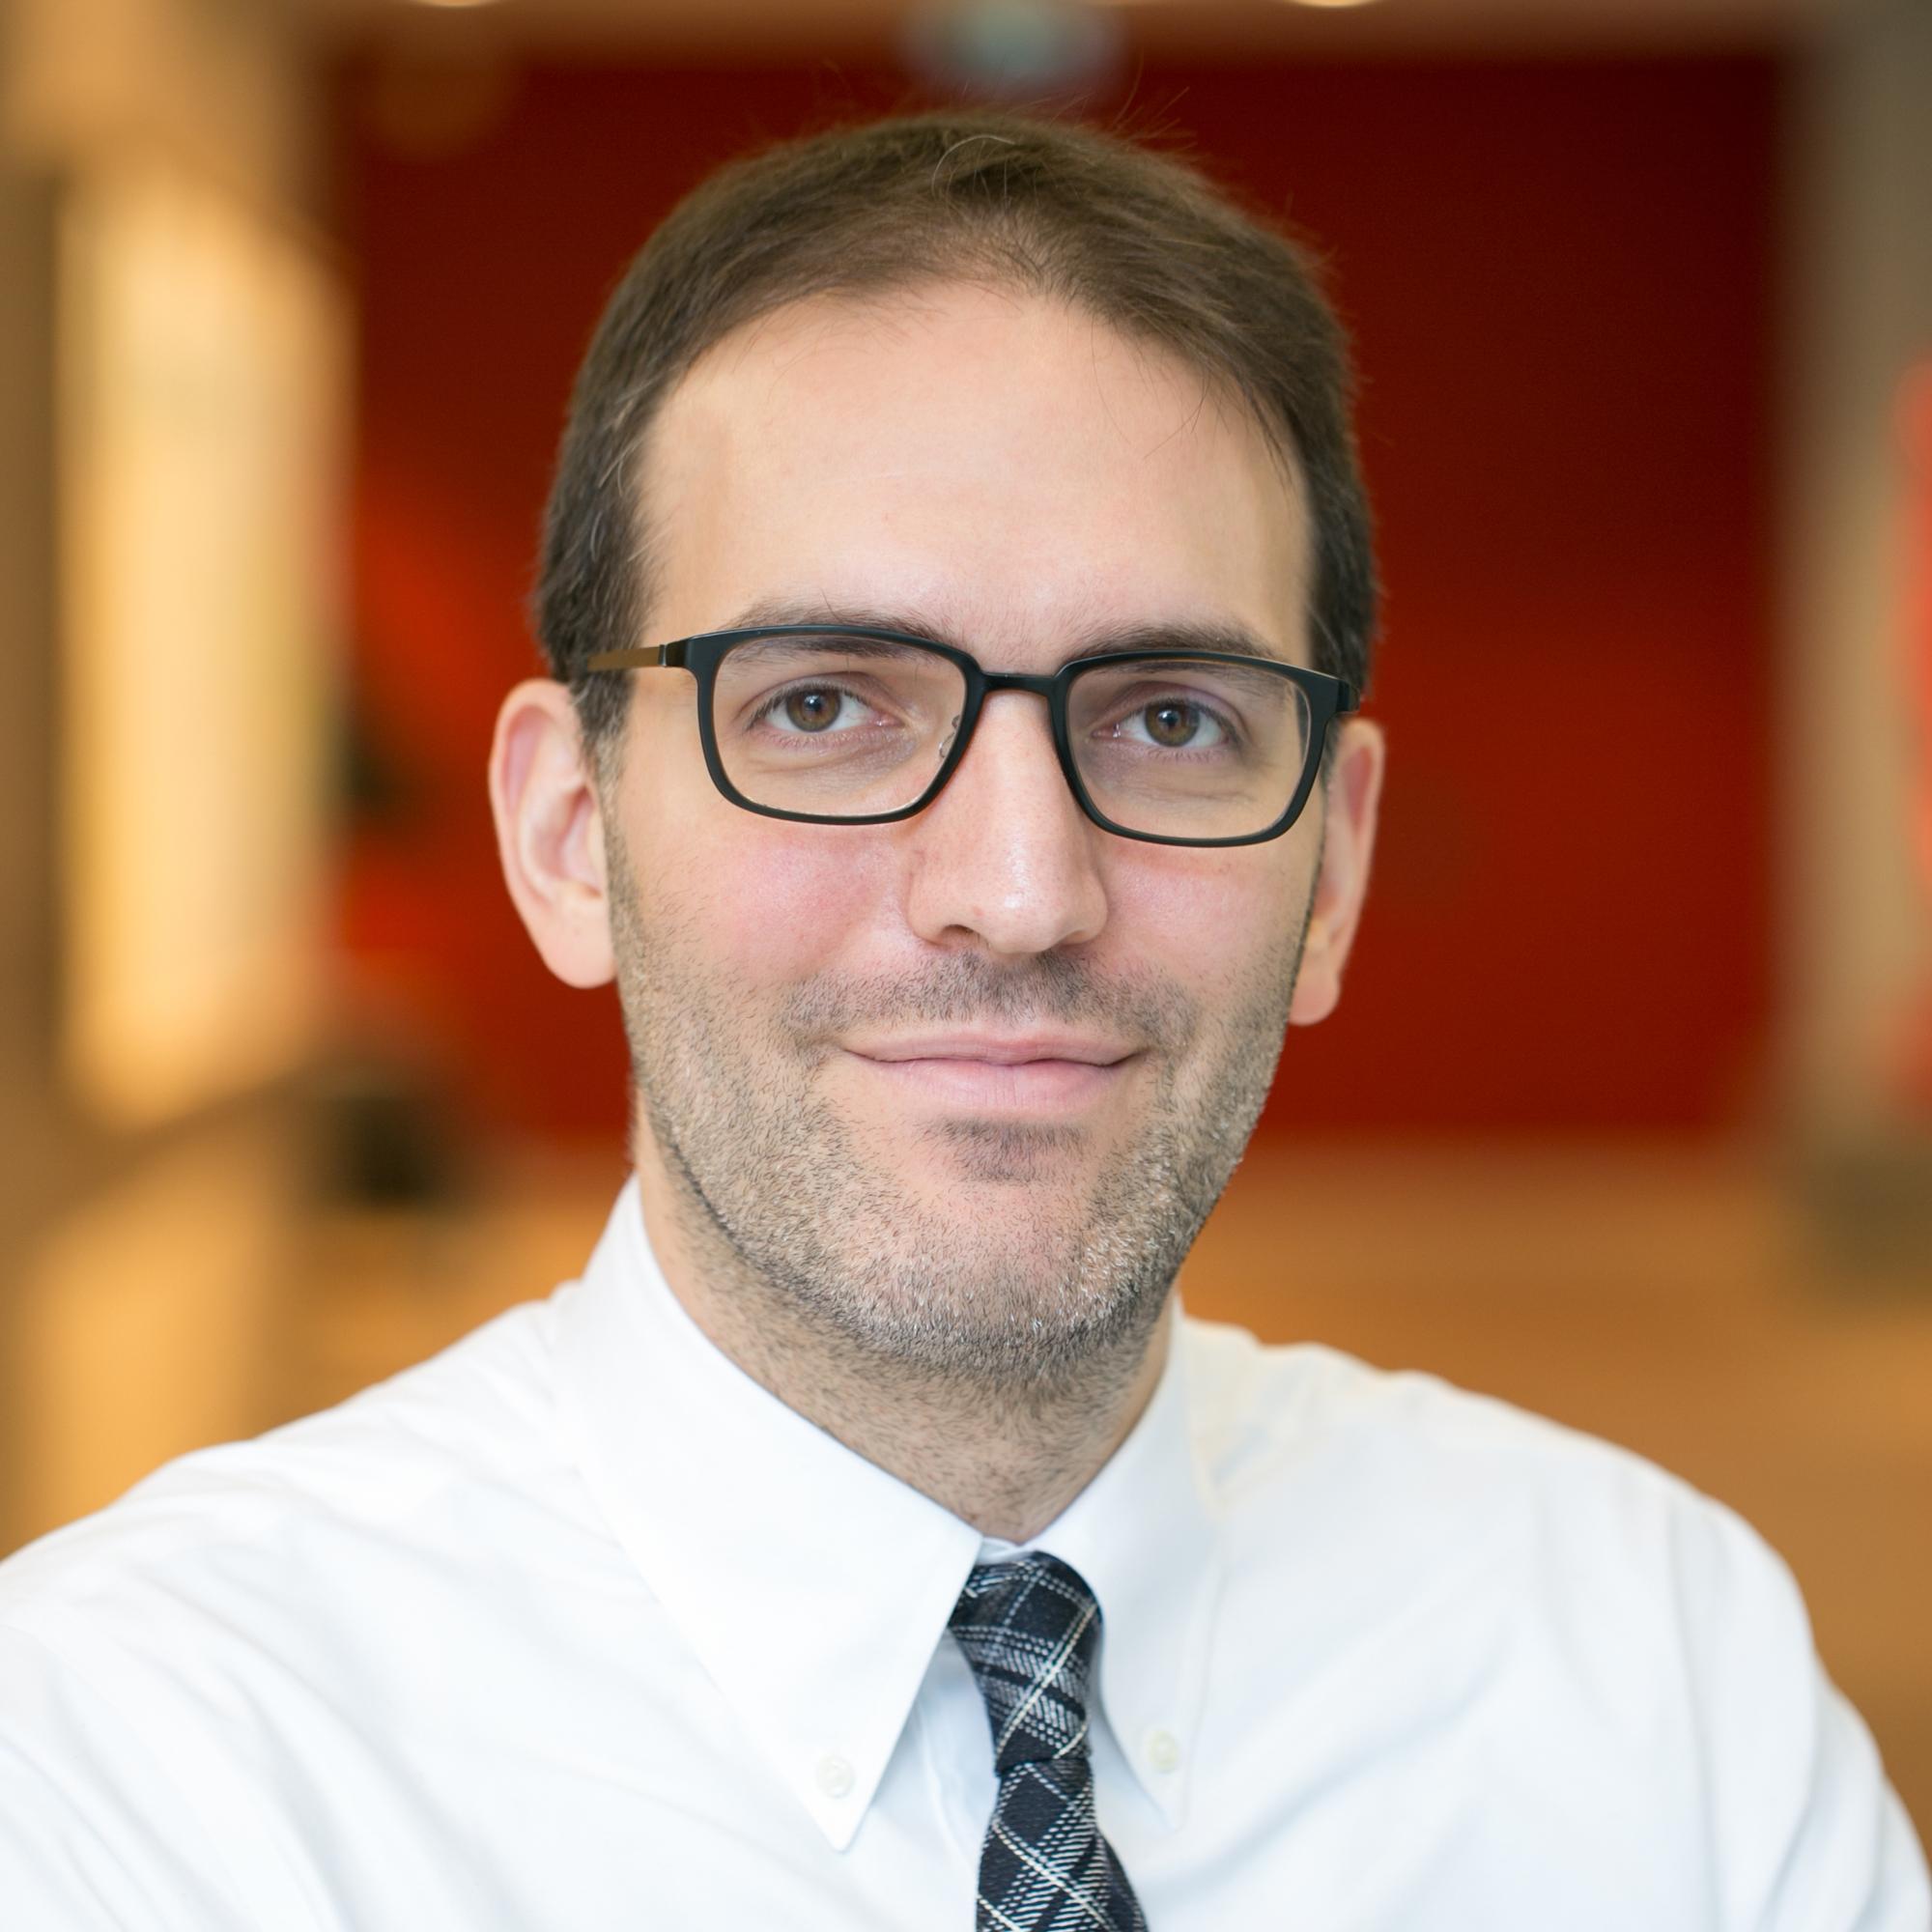 Dr. Dan Liberman